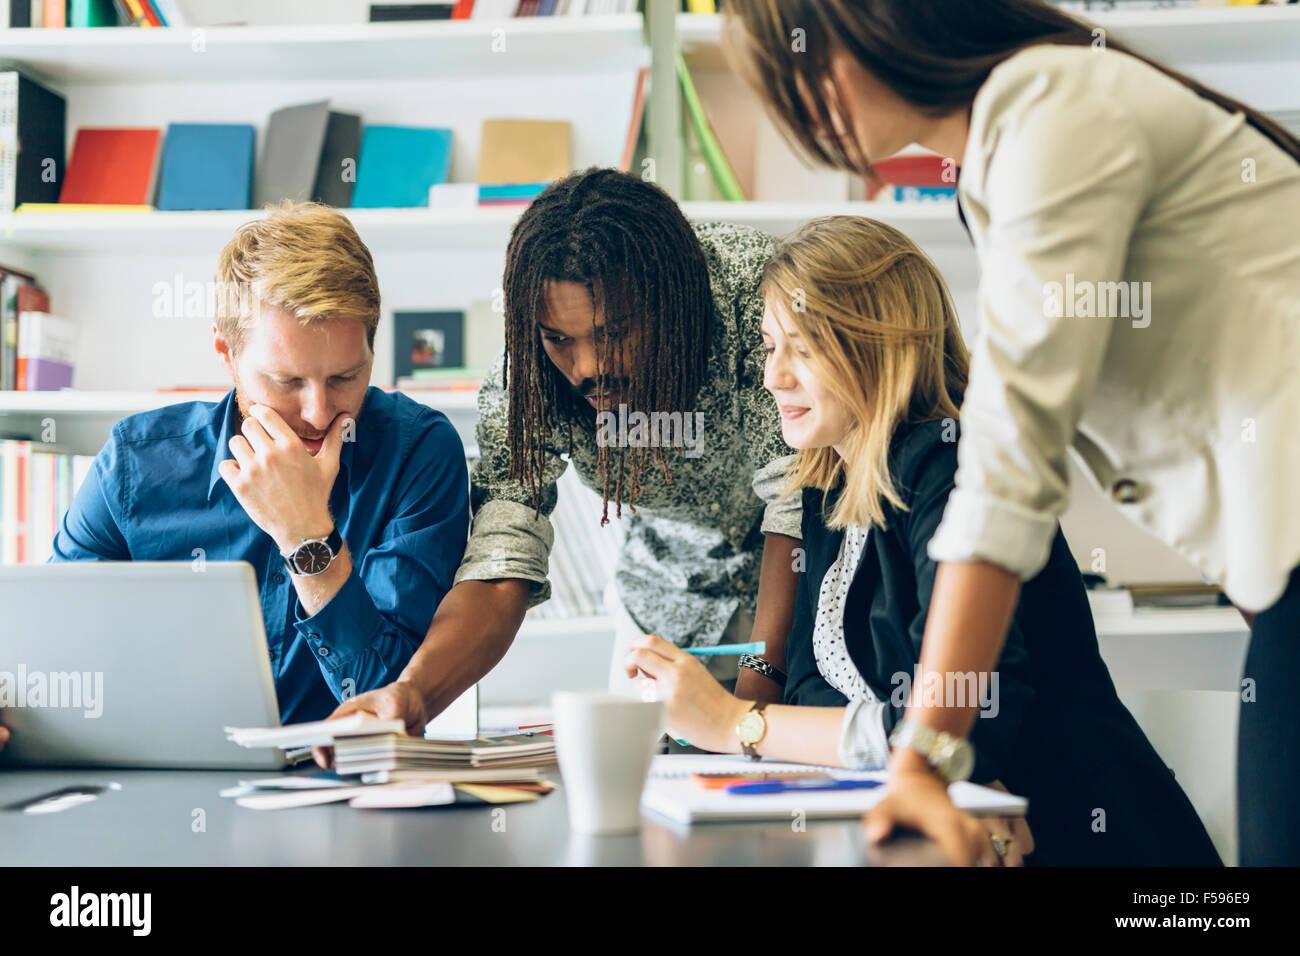 Brainstorming entre collègues au travail Photo Stock